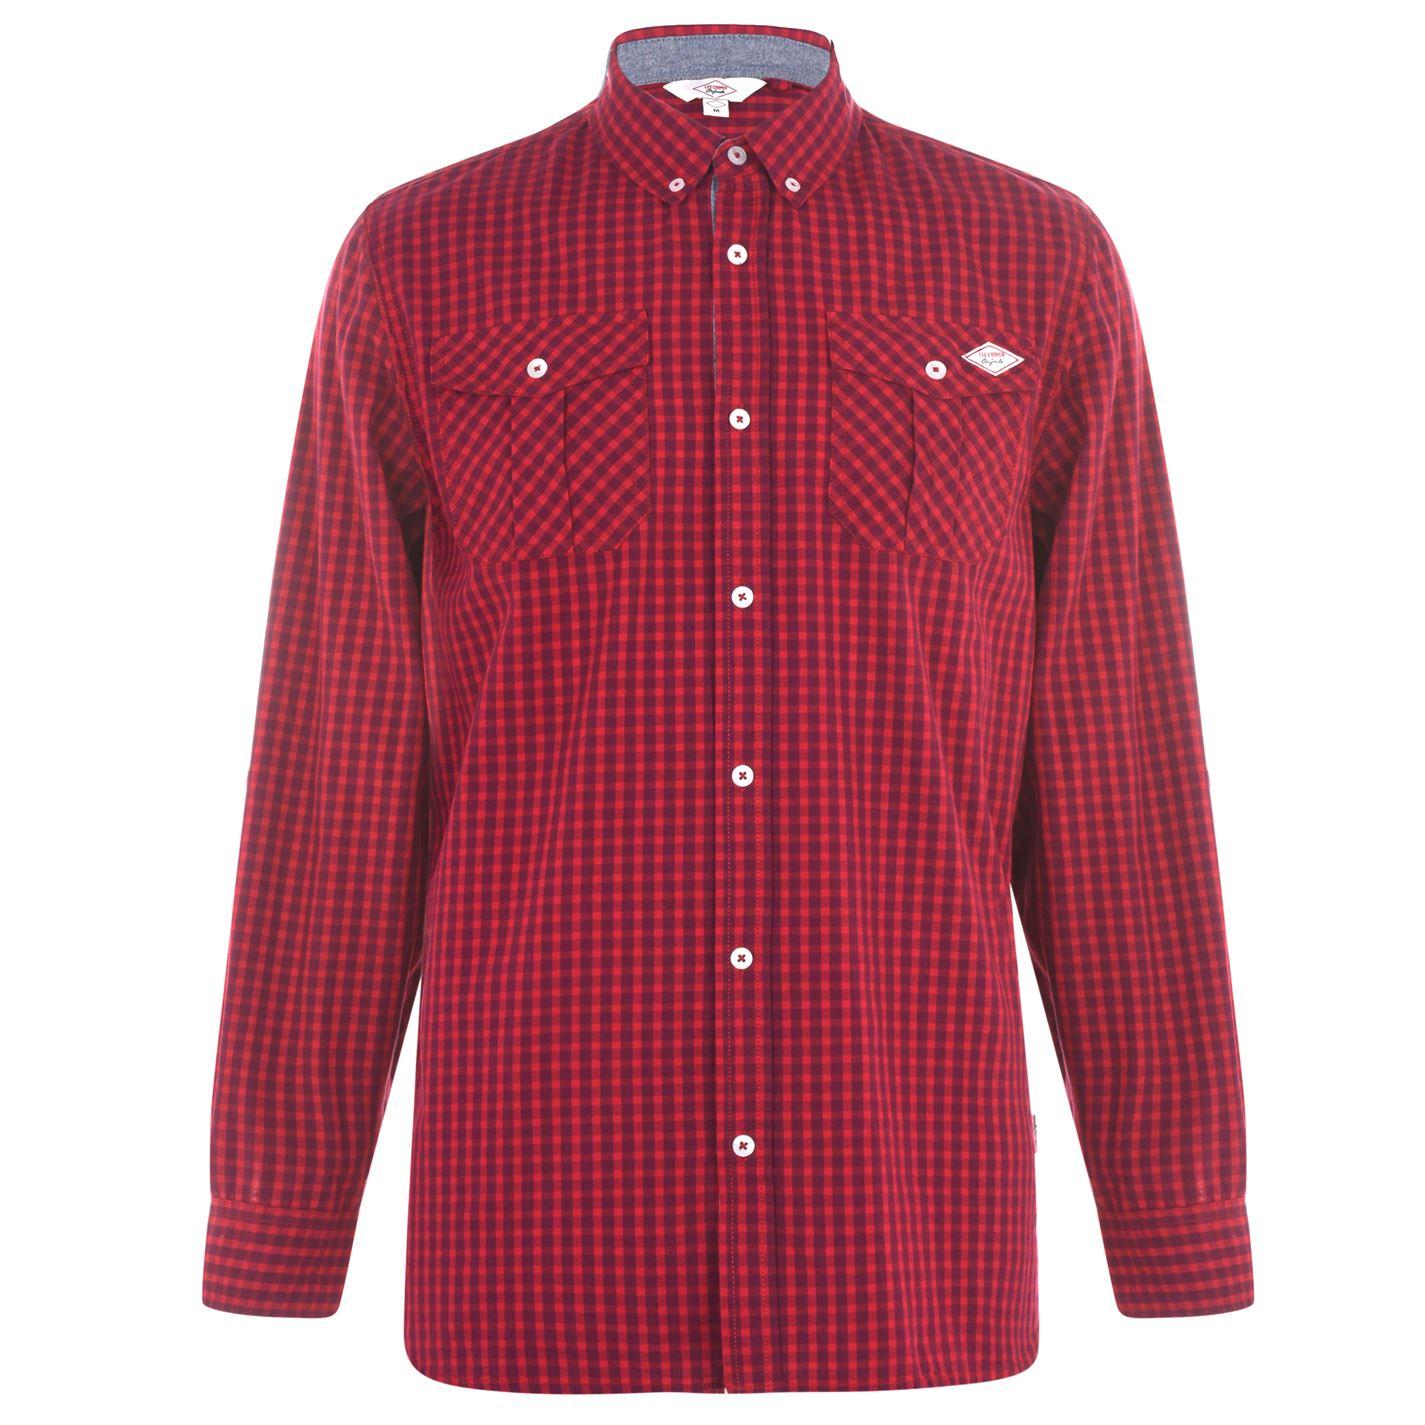 Lee Cooper Long Sleeve Shirt Mens Pánská košile 55883371 SD_Large